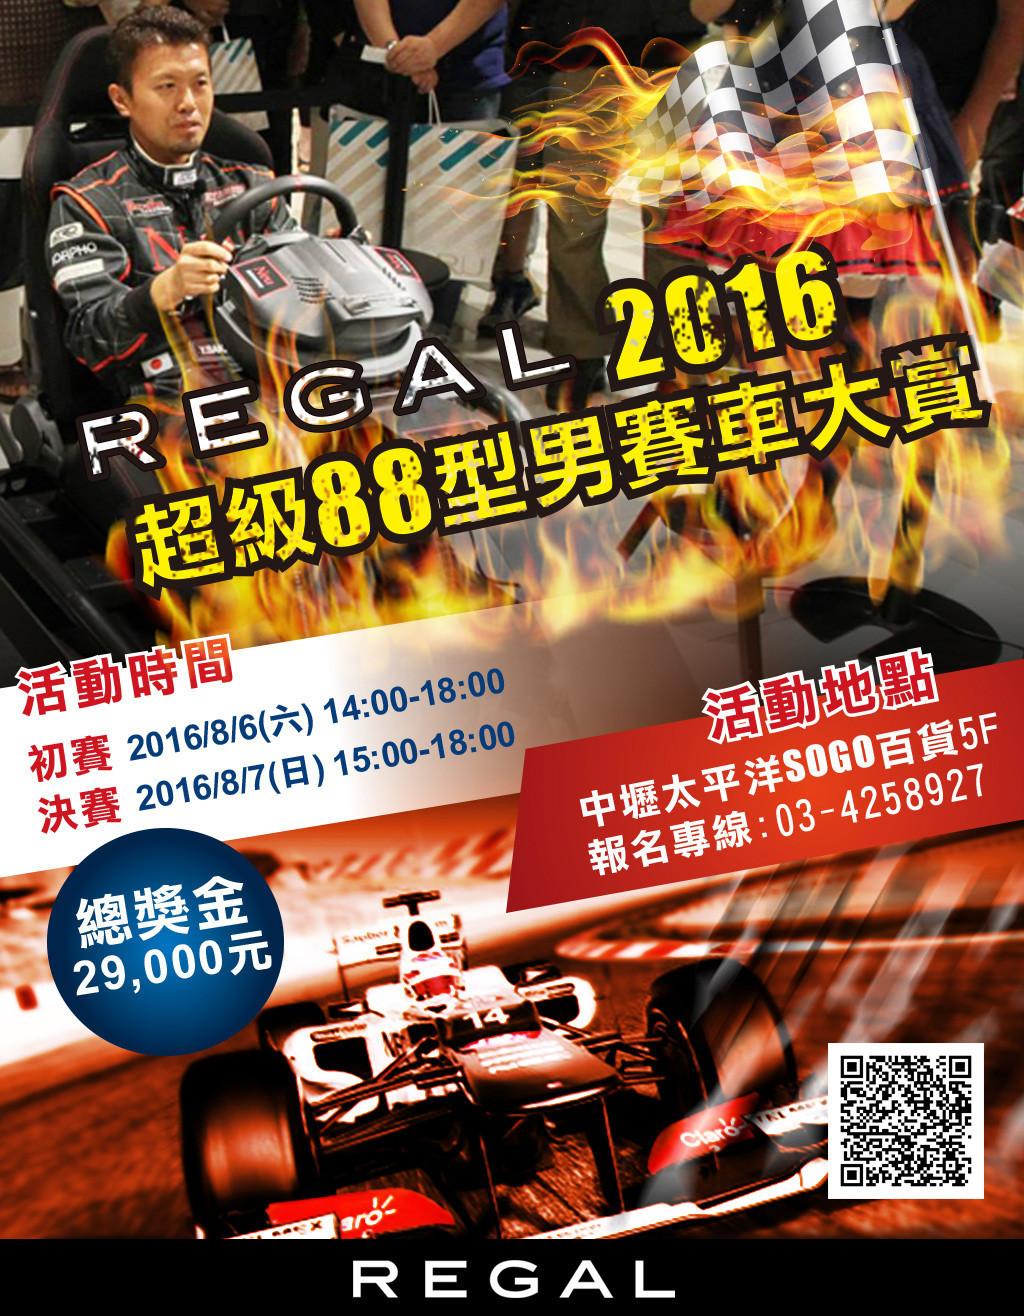 是REGAL 2016超級88型男賽車大賞-賽車模擬器電競比賽這篇文章的首圖